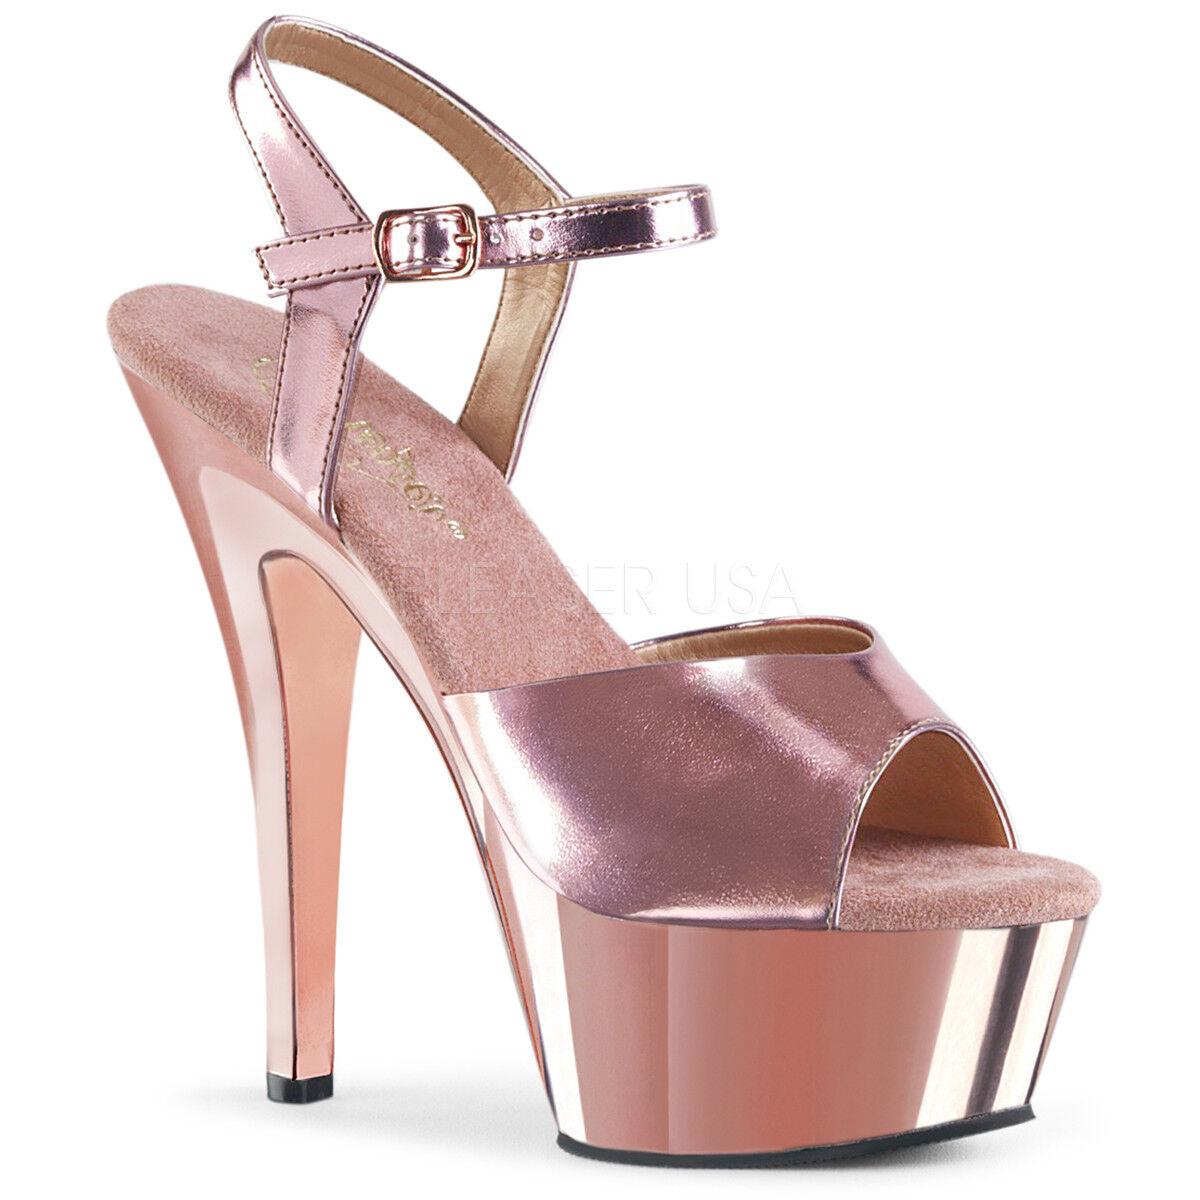 Kiss-209 Pleaser Frauen High Heels Sandaletten pinkgold metallic chrom Gr 35-43